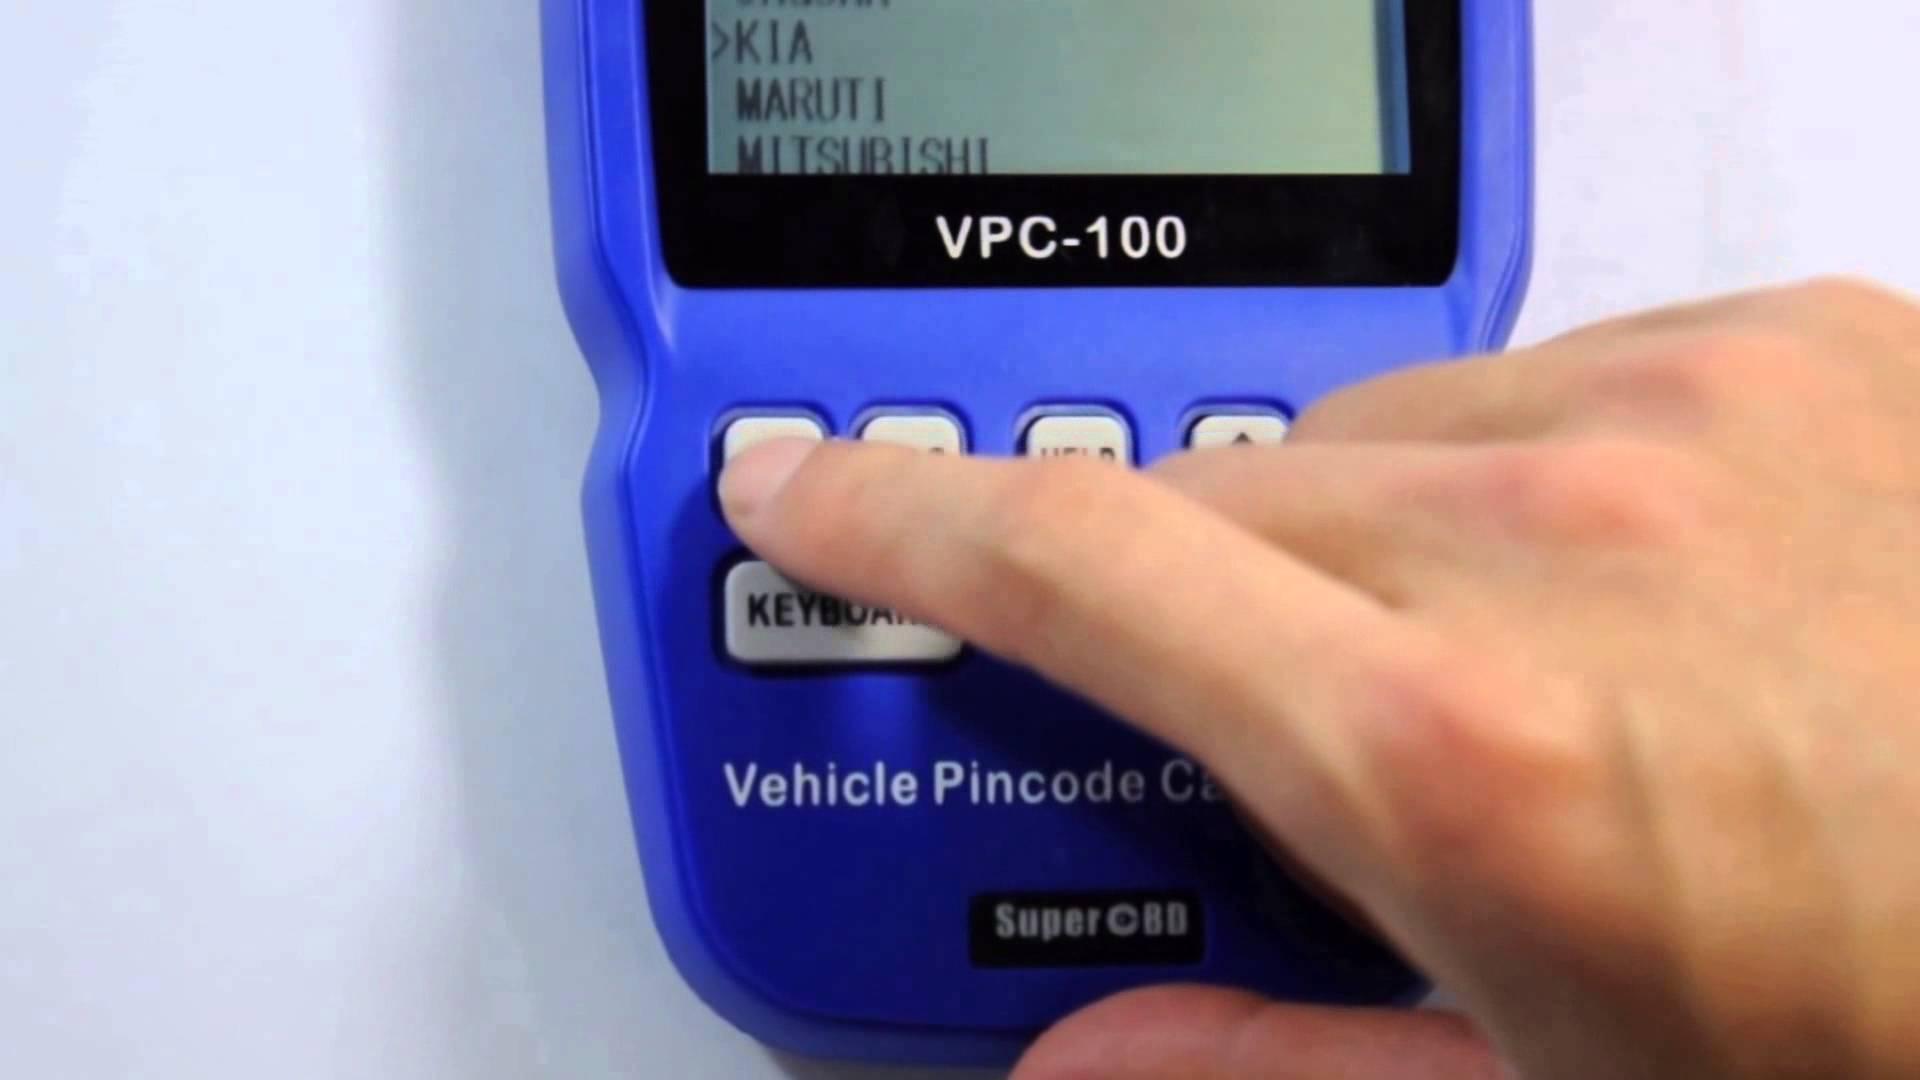 SuperOBD-VPC100-pin-code-reader